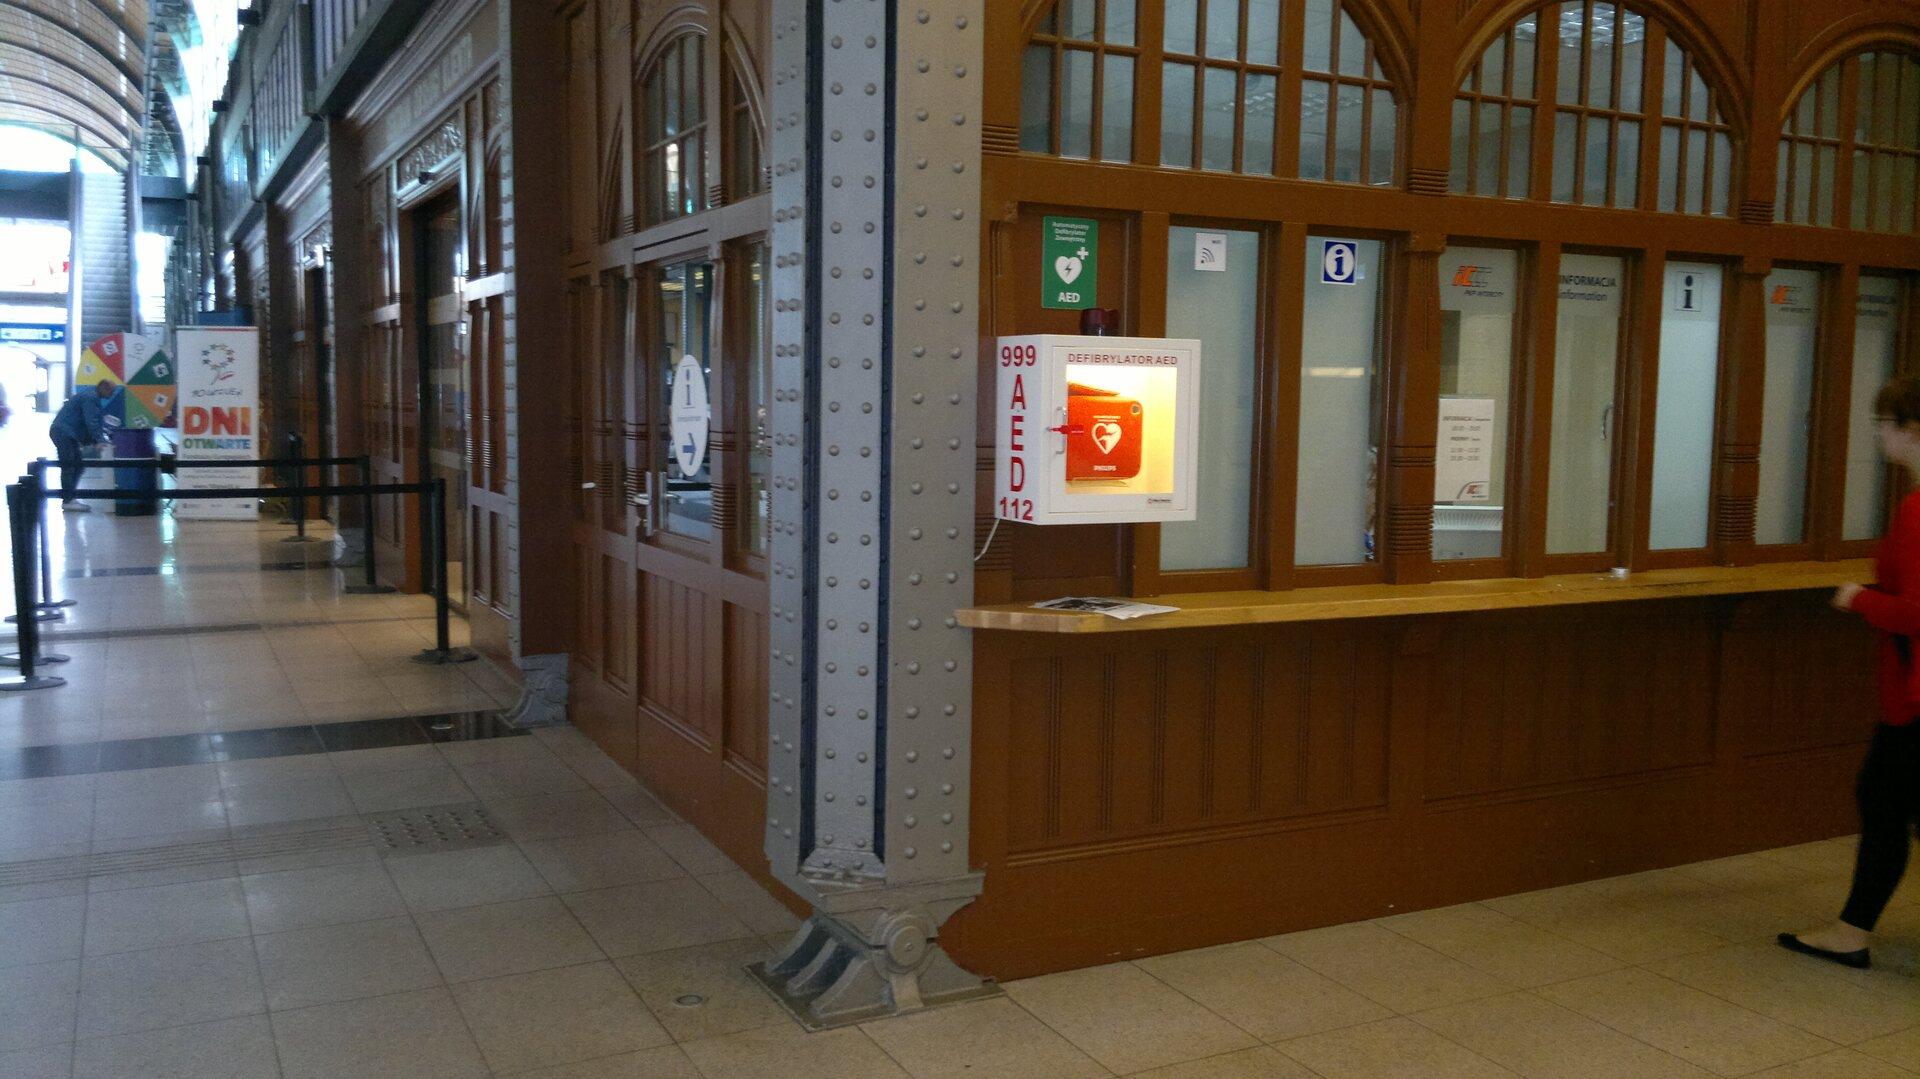 Kolorowe zdjęcie przedstawia fragment dworca kolejowego we Wrocławiu. Na pierwszym planie okienka znalepkami informacja. Na lewo od okienek, na rogu ściany, mała biała oszklona szafka zdefibrylatorem wewnątrz. Szafka wkształcie prostopadłościanu, oświetlona wewnątrz. Wymiary to 50 centymetrów wysokość i20 centymetrów głębokość szafki. Na lewym boku szafki czerwony napis AED oraz numery telefonów. Na górze 999, na dole 112. Za rogiem ściany kasy biletowe. Kasy umieszczone jedna za drugą wzdłuż ściany budynku. Kasy znajdują się wgłębi budynku. Wszystkie ściany wykonane są zciemnobrązowego drewna. Okienka wkształcie pionowych prostokątów. Każde trzy okienka zakończone zwieńczającym półokrągłym oknem powyżej.